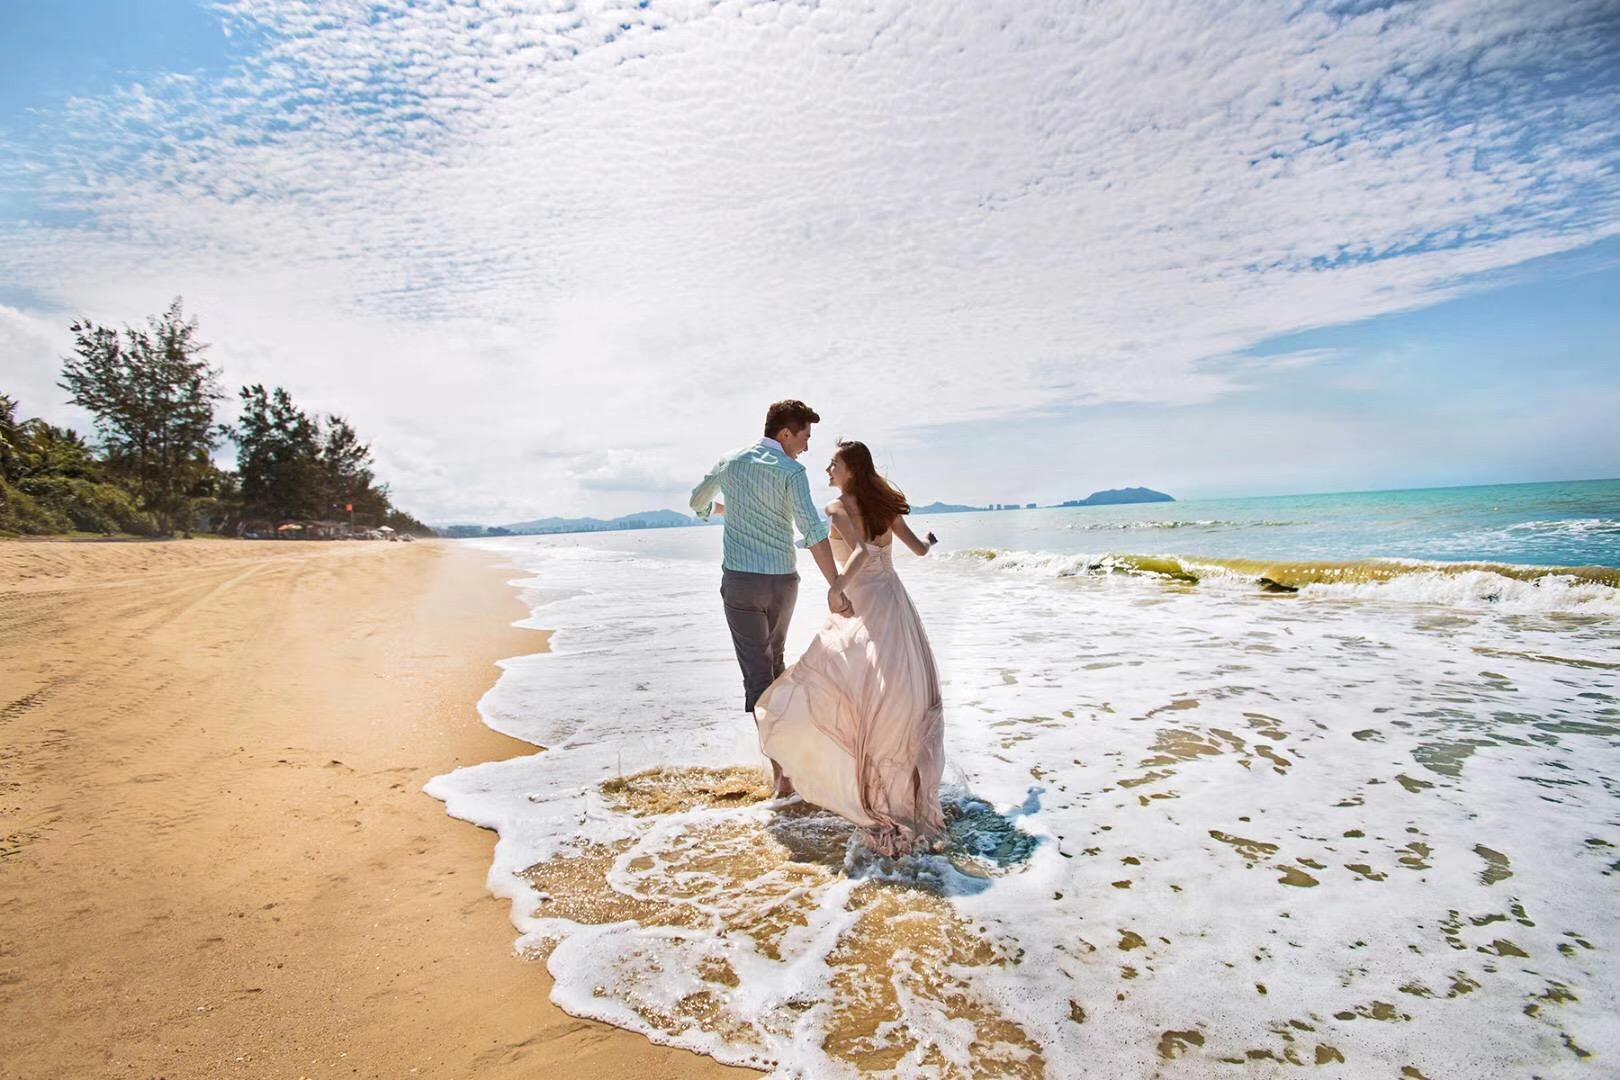 婚纱摄影攻略大全,不要被坑了。